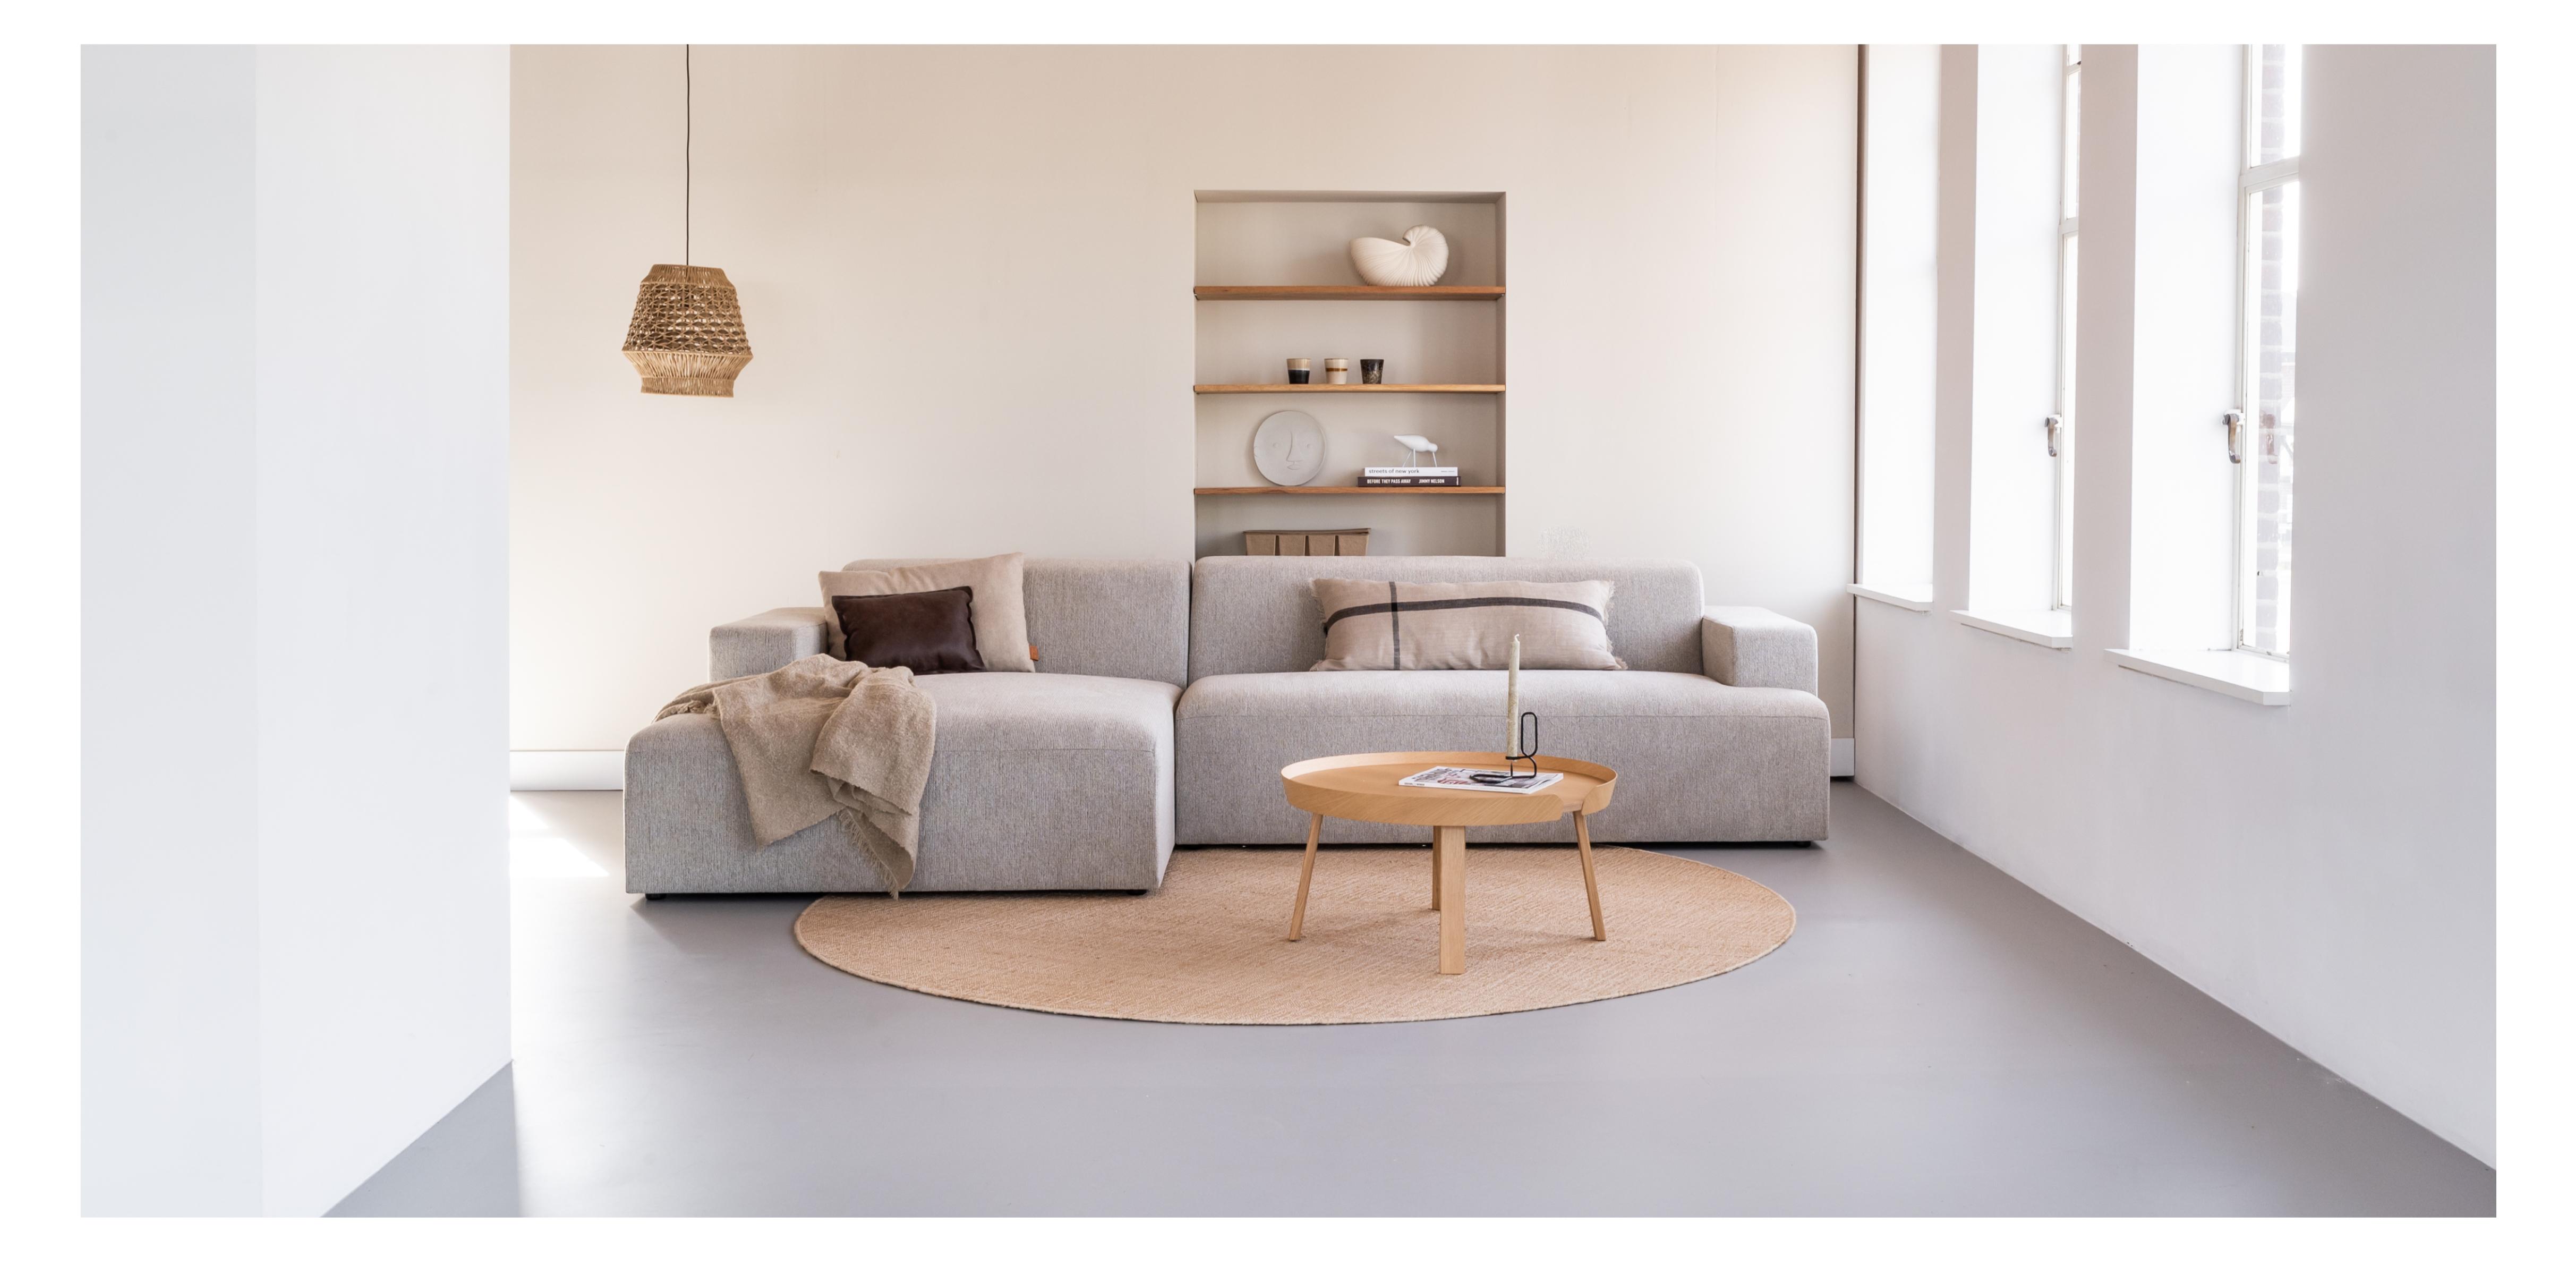 Moa, By SIDDE, scandinavisch design, comfort, bank, sofa, natuurlijke materialen, blog